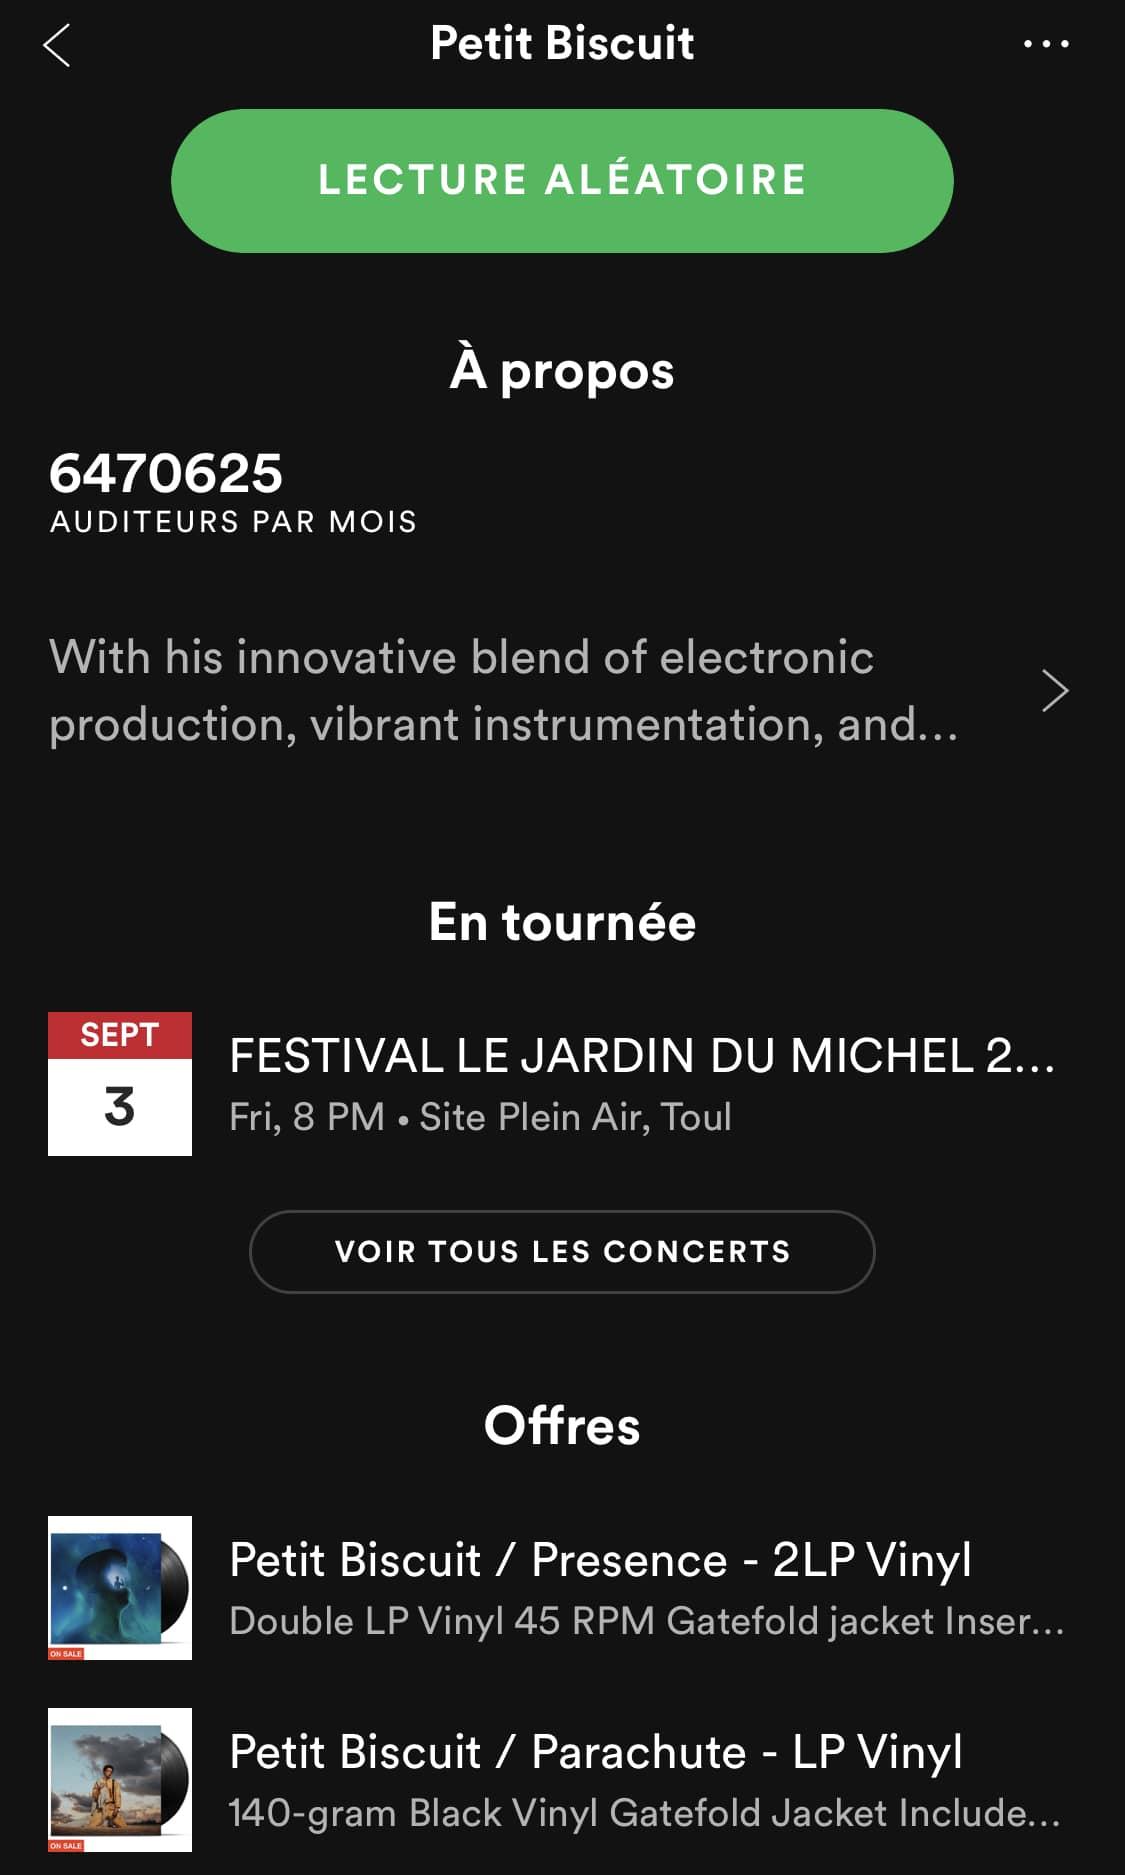 Profil de Petit Biscuit sur Spotify